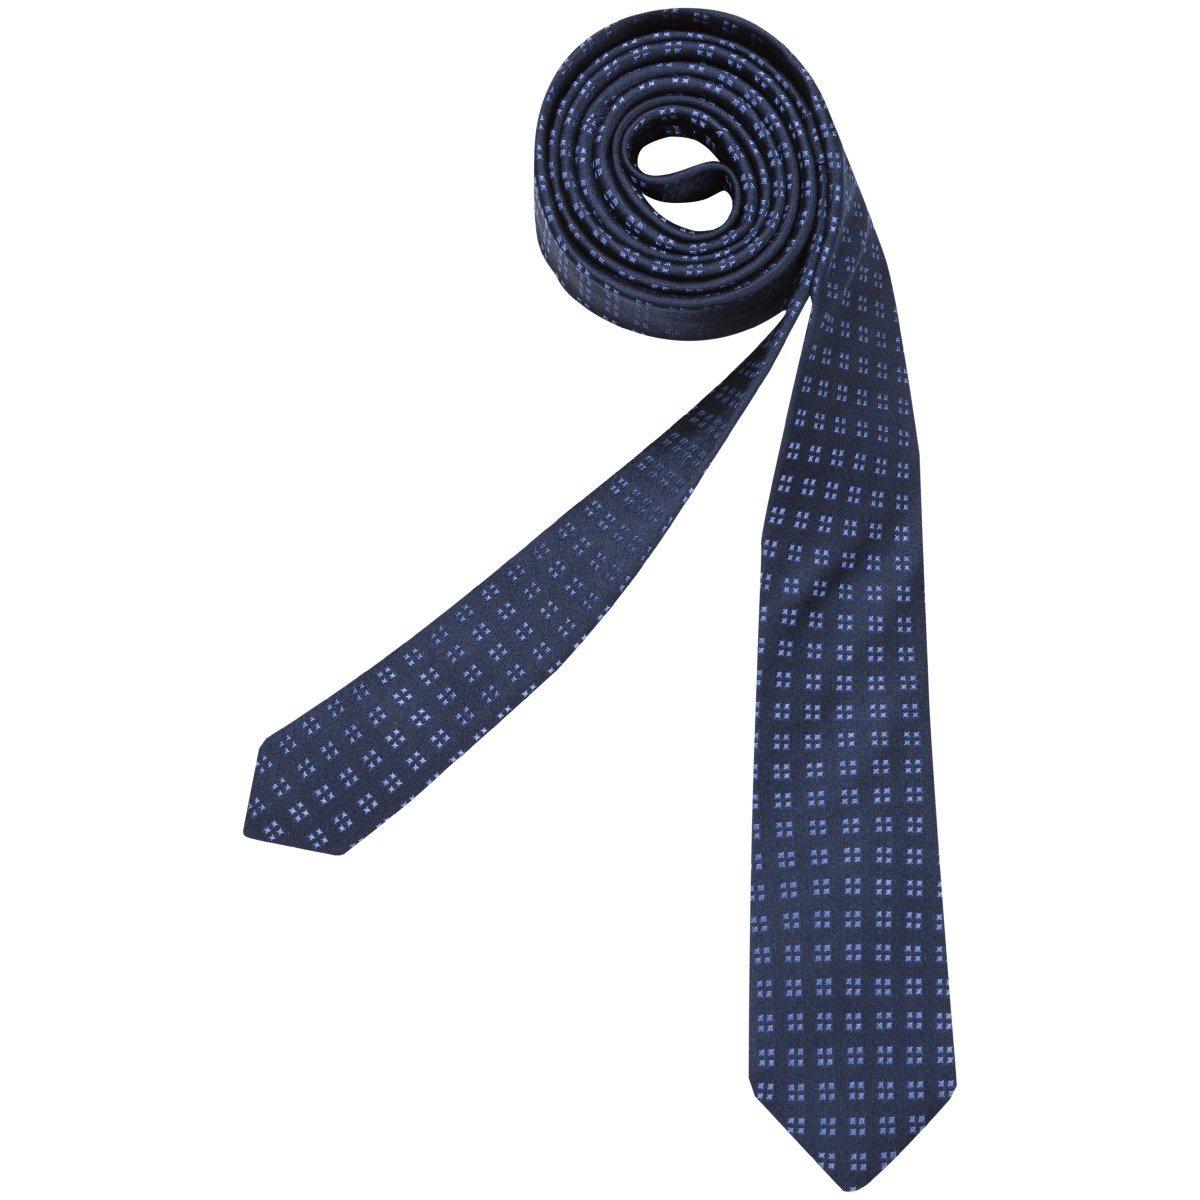 Herren seidensticker Krawatte Slim blau, braun, grau, grün, orange, rot, schwarz, silber | 04048869345999